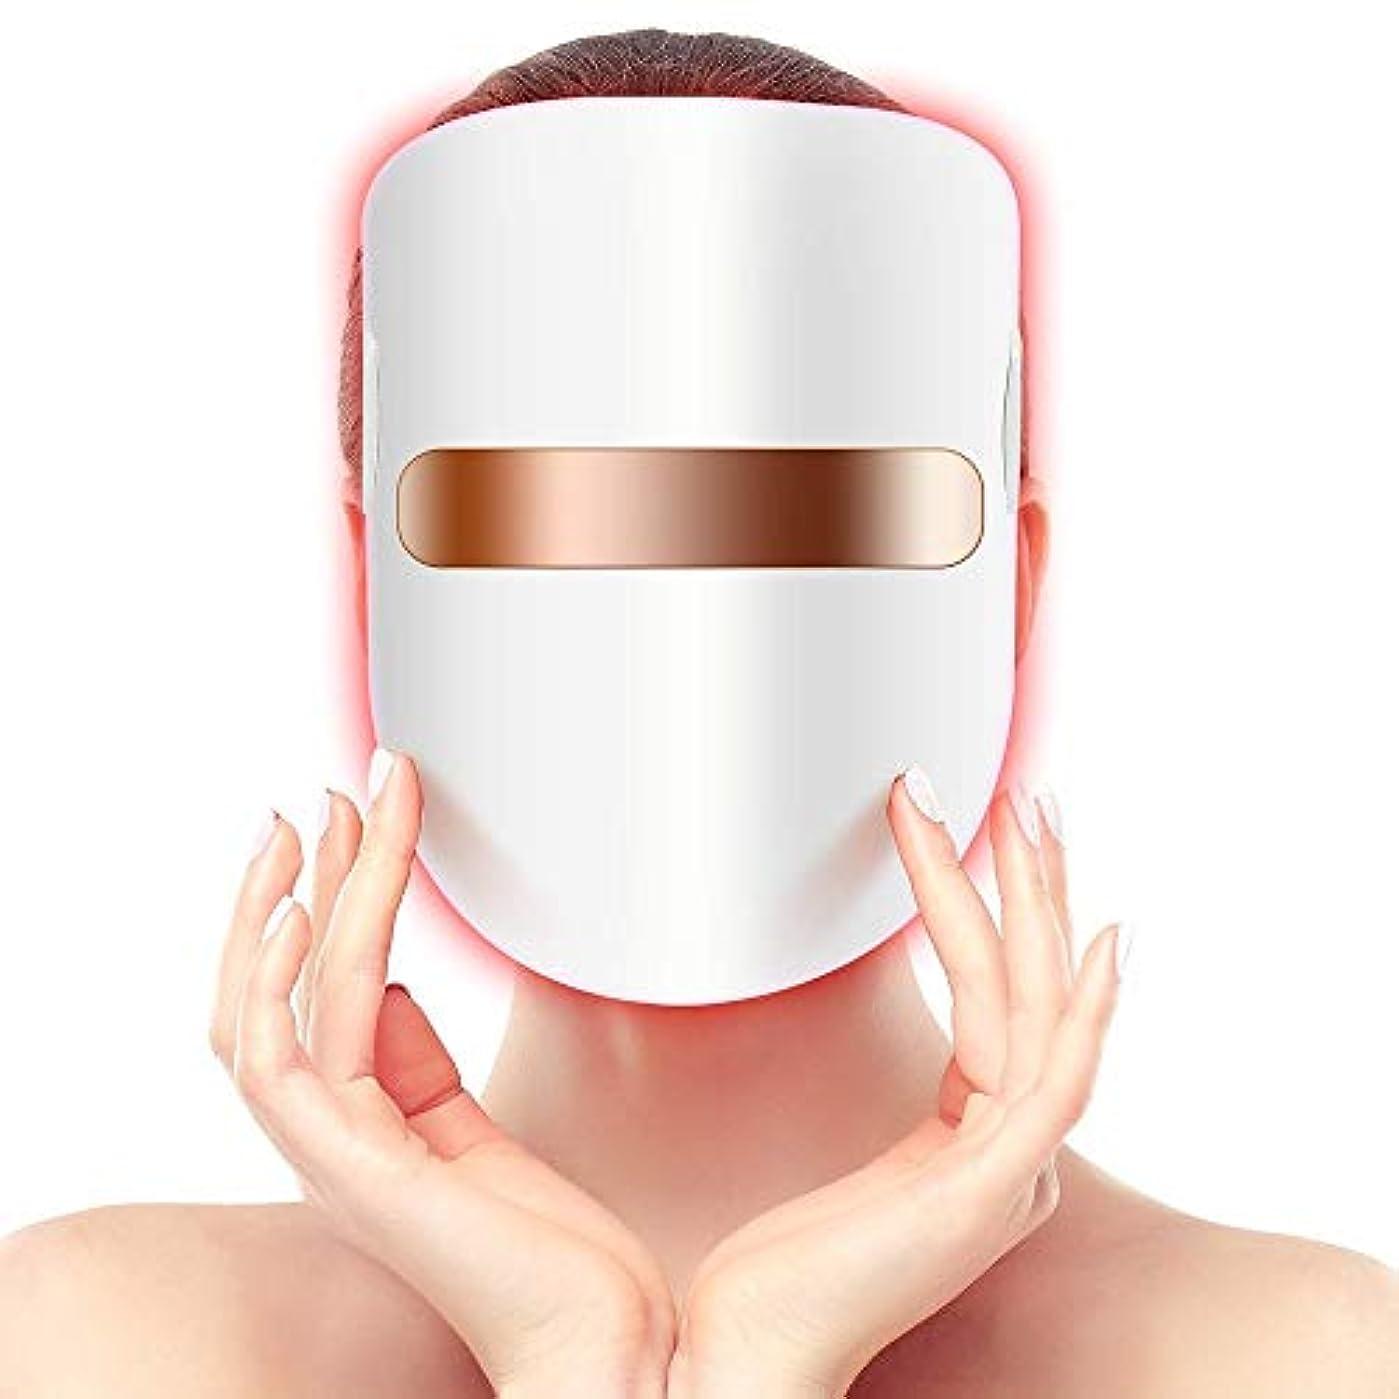 ラベル歴史的マディソン光療法にきび治療ledマスク療法無制限セッションのためににきび肌治療アンチリンクルホワイトニング肌の若返り楽器